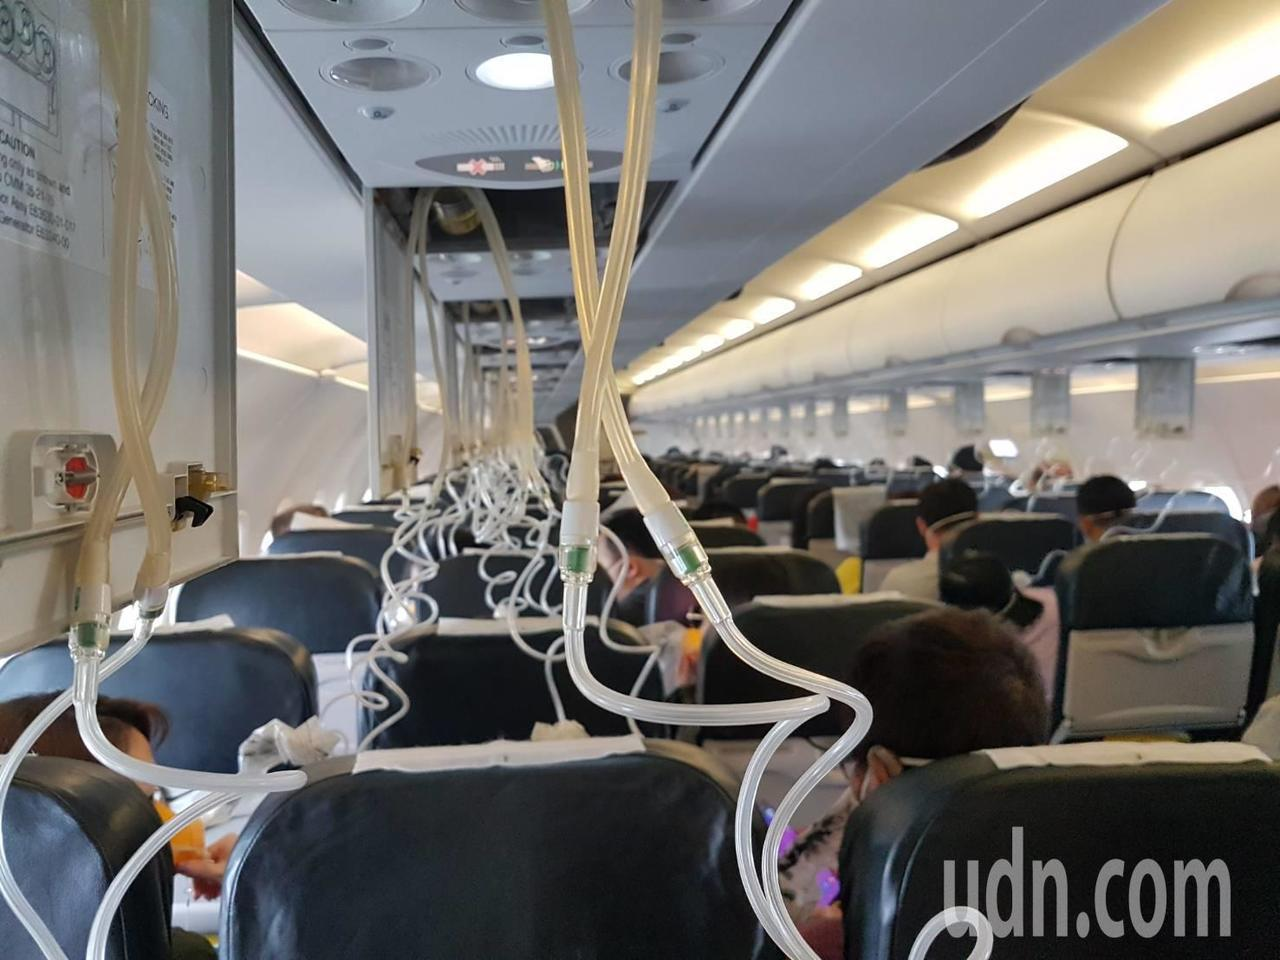 酷航飛台北班機降落前因艙壓異常,氧氣面罩瞬間全掉落。記者王宏舜/攝影